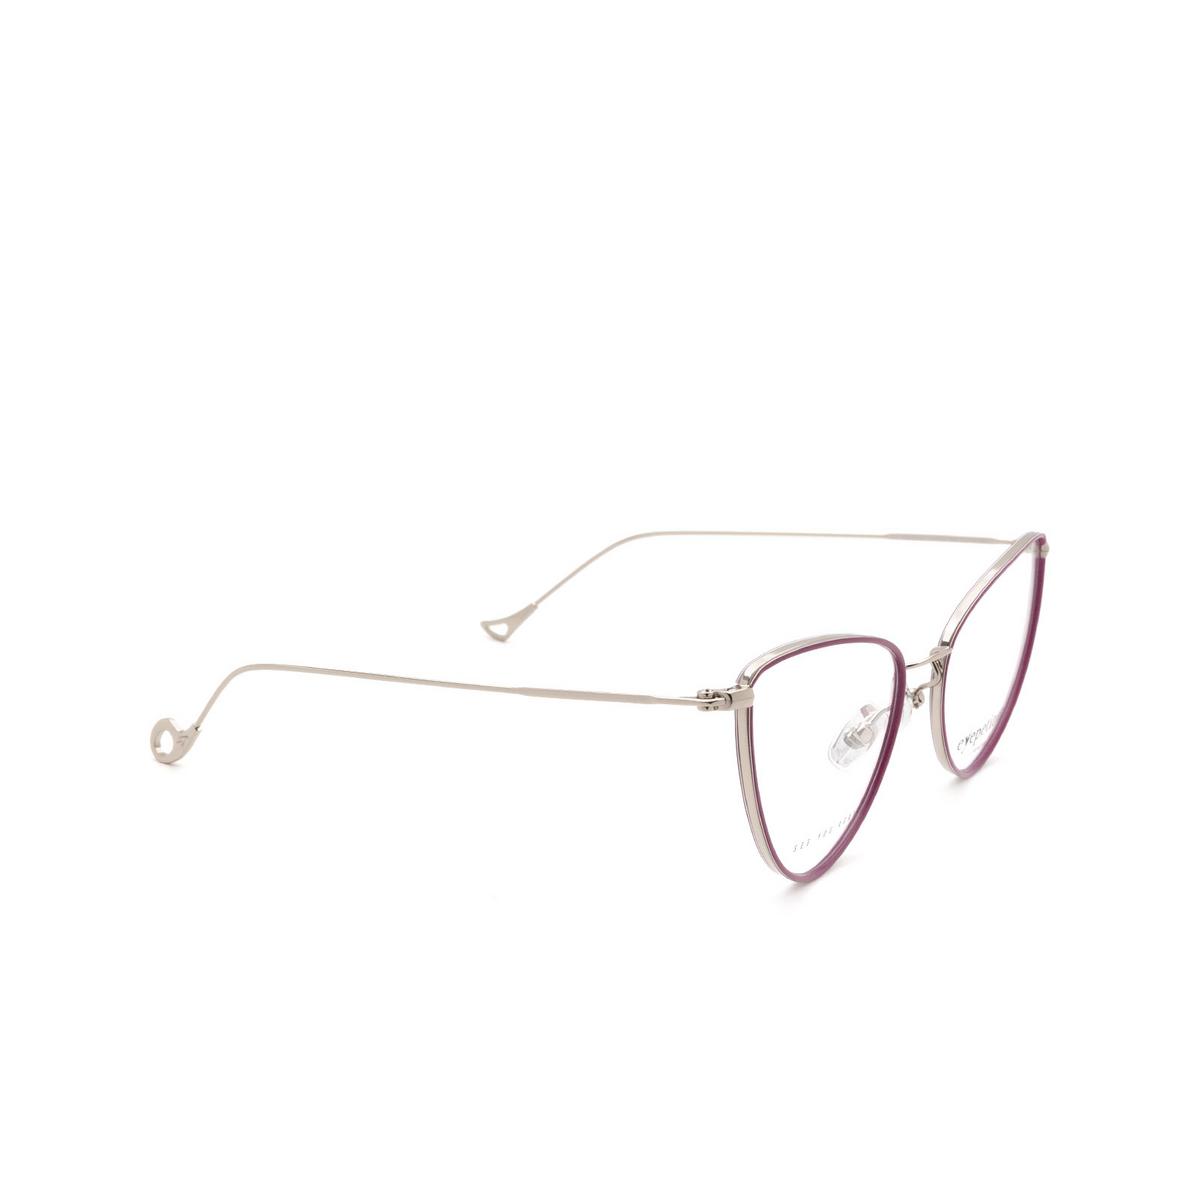 Eyepetizer® Cat-eye Eyeglasses: Cecile color Violet C.1-A.